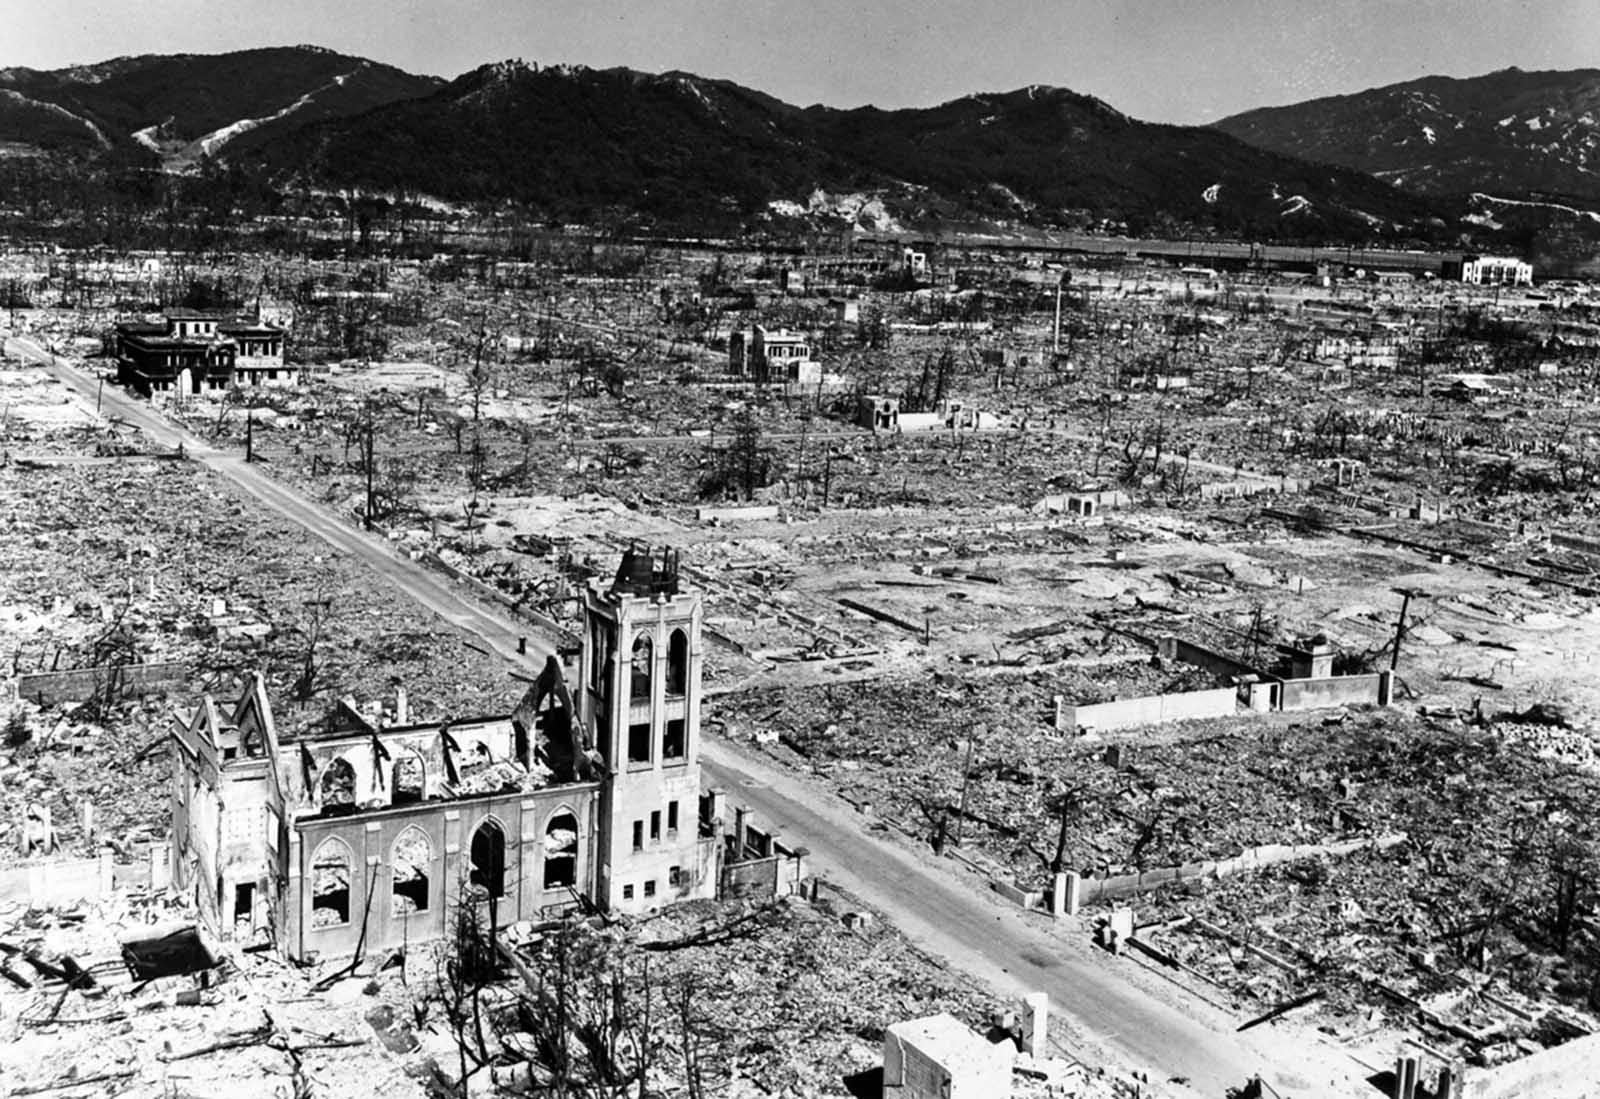 Hiroshima after atomic bomb 1945